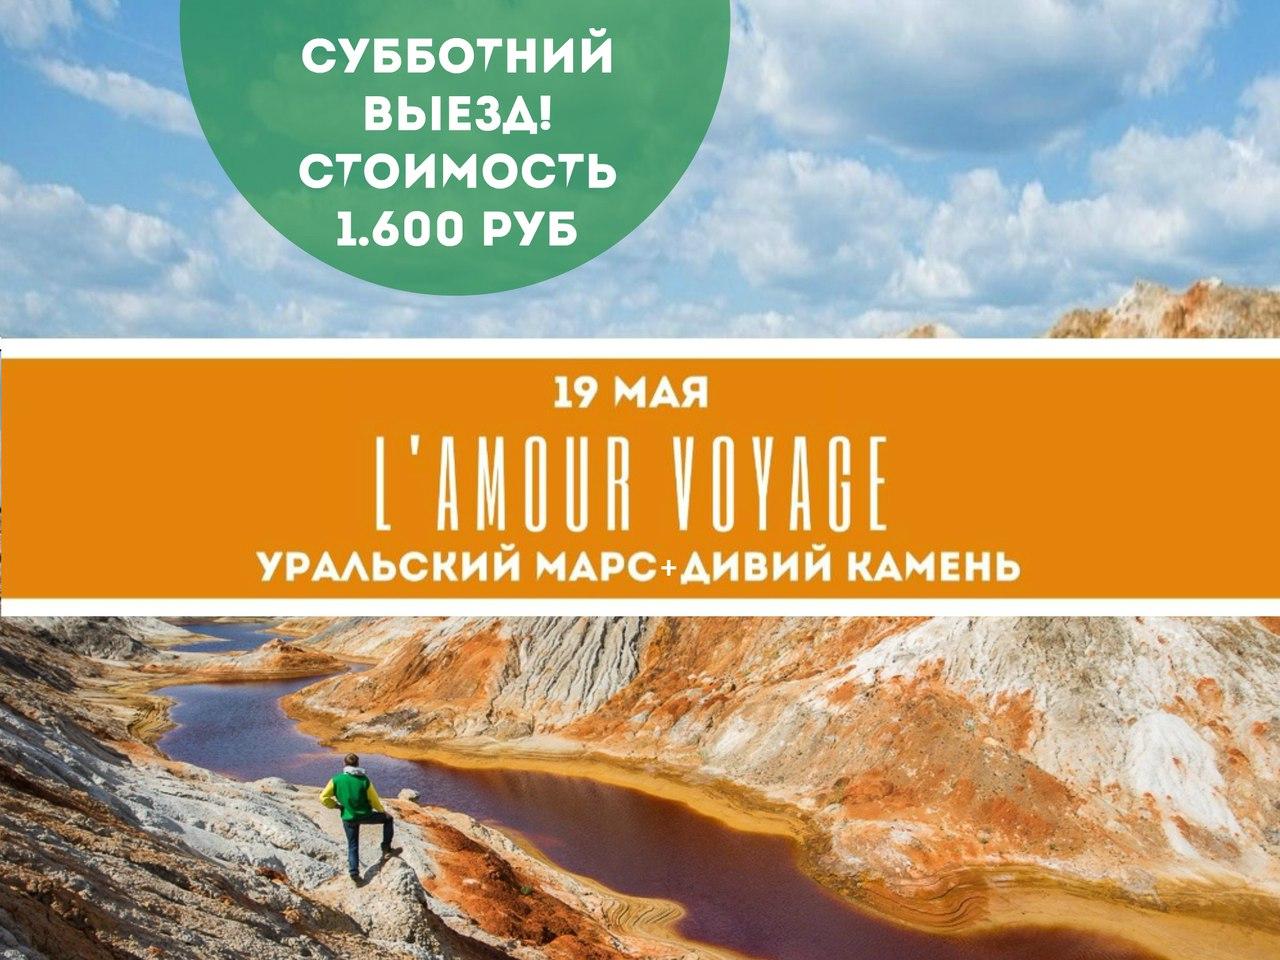 Афиша Тюмень Уральский Марс + Дивий камень / 19 мая